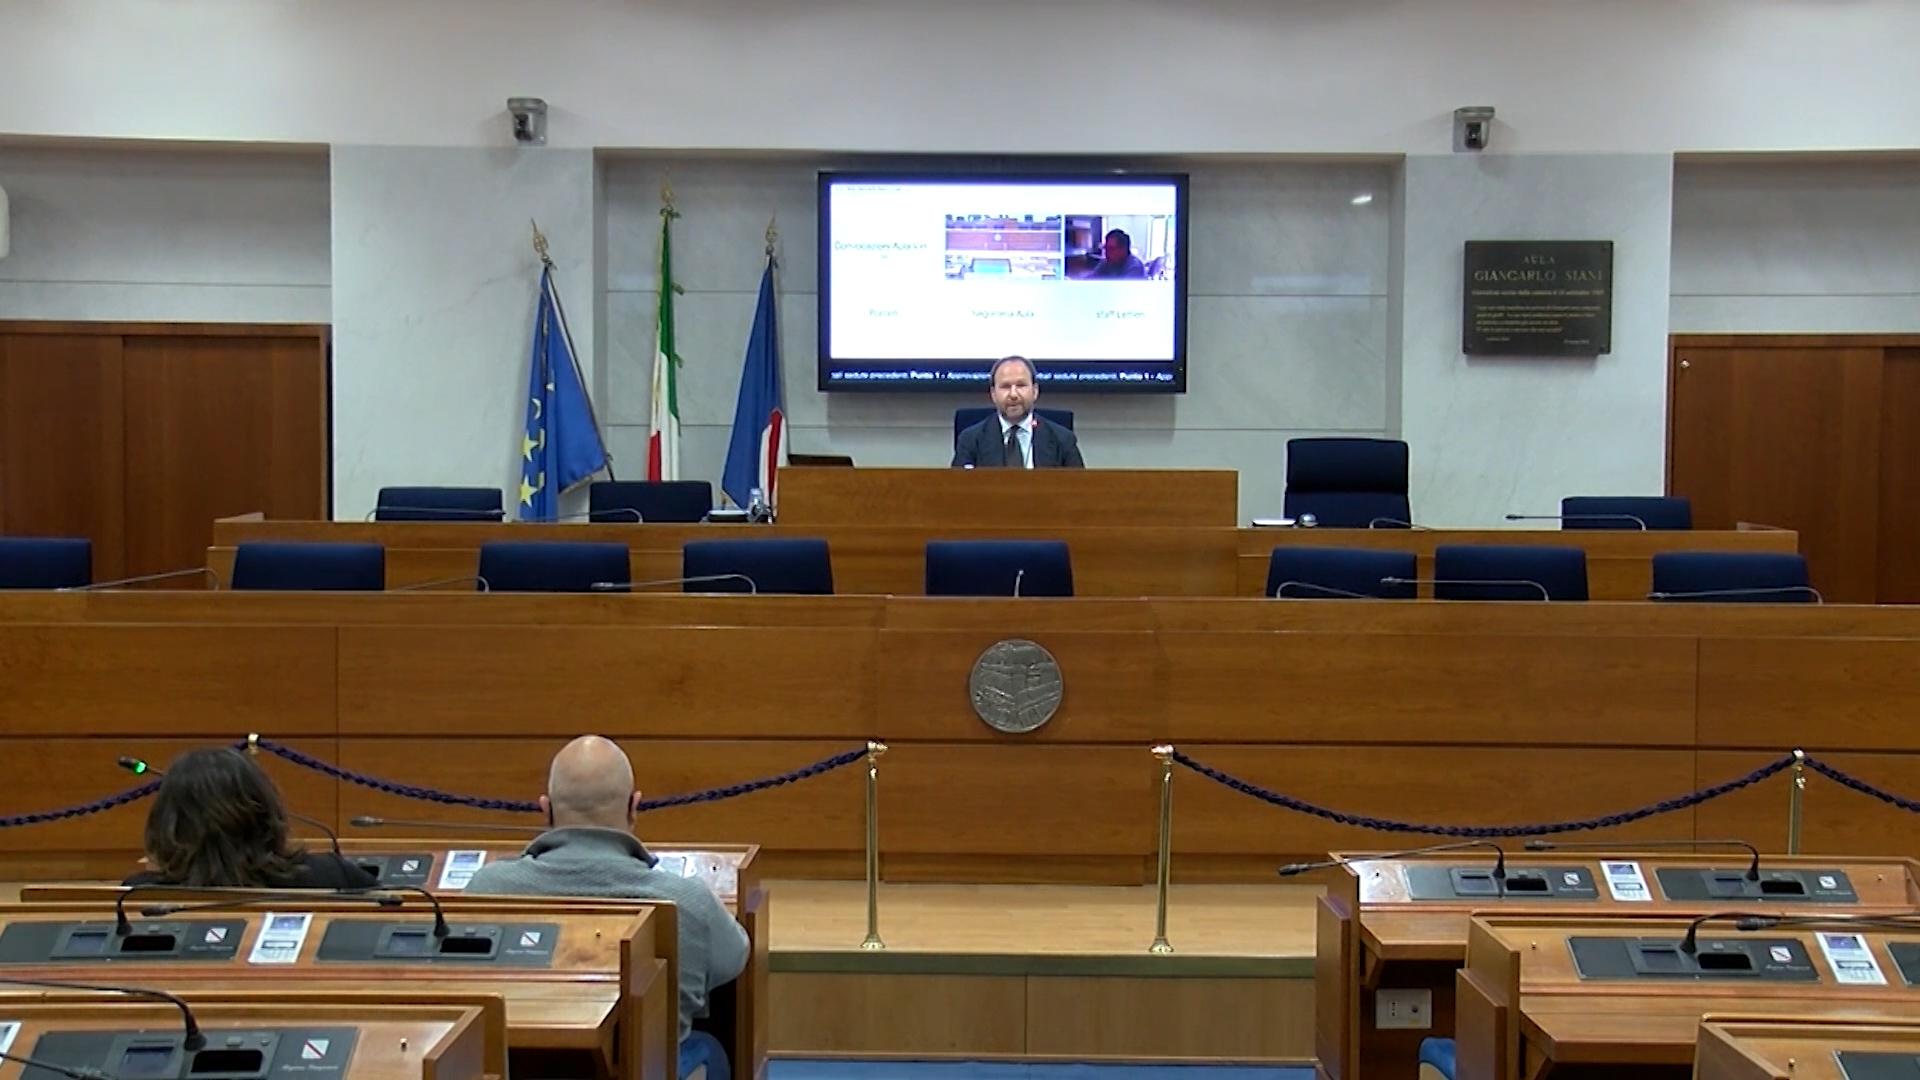 La commissione anticamorra lancia l'allarme sulla tenuta delle imprese